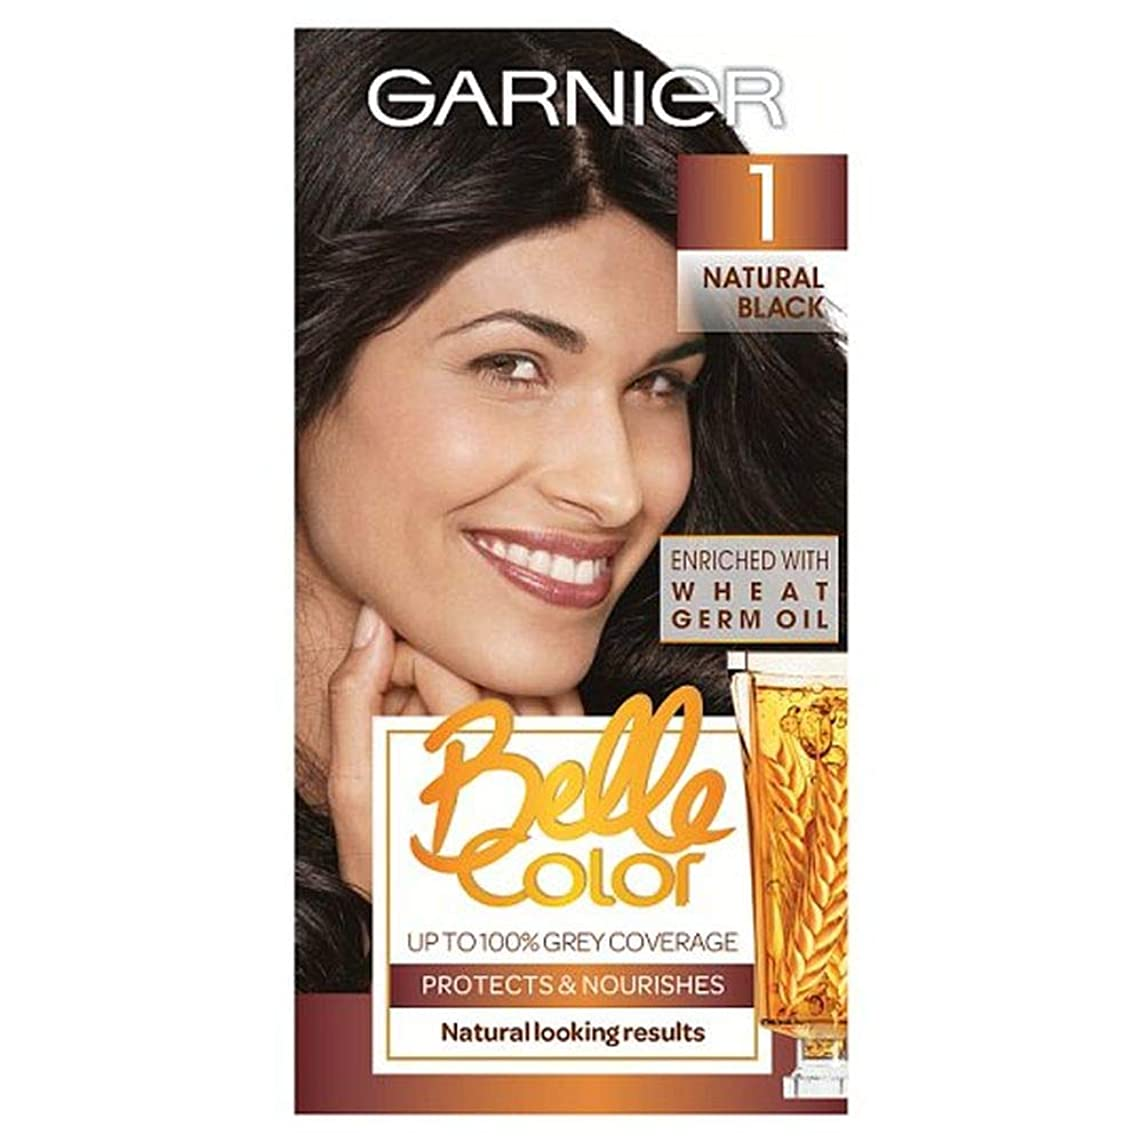 させるワイヤーピケ[Belle Color ] ガーン/ベル/Clr 1黒のパーマネントヘアダイ - Garn/Bel/Clr 1 Black Permanent Hair Dye [並行輸入品]